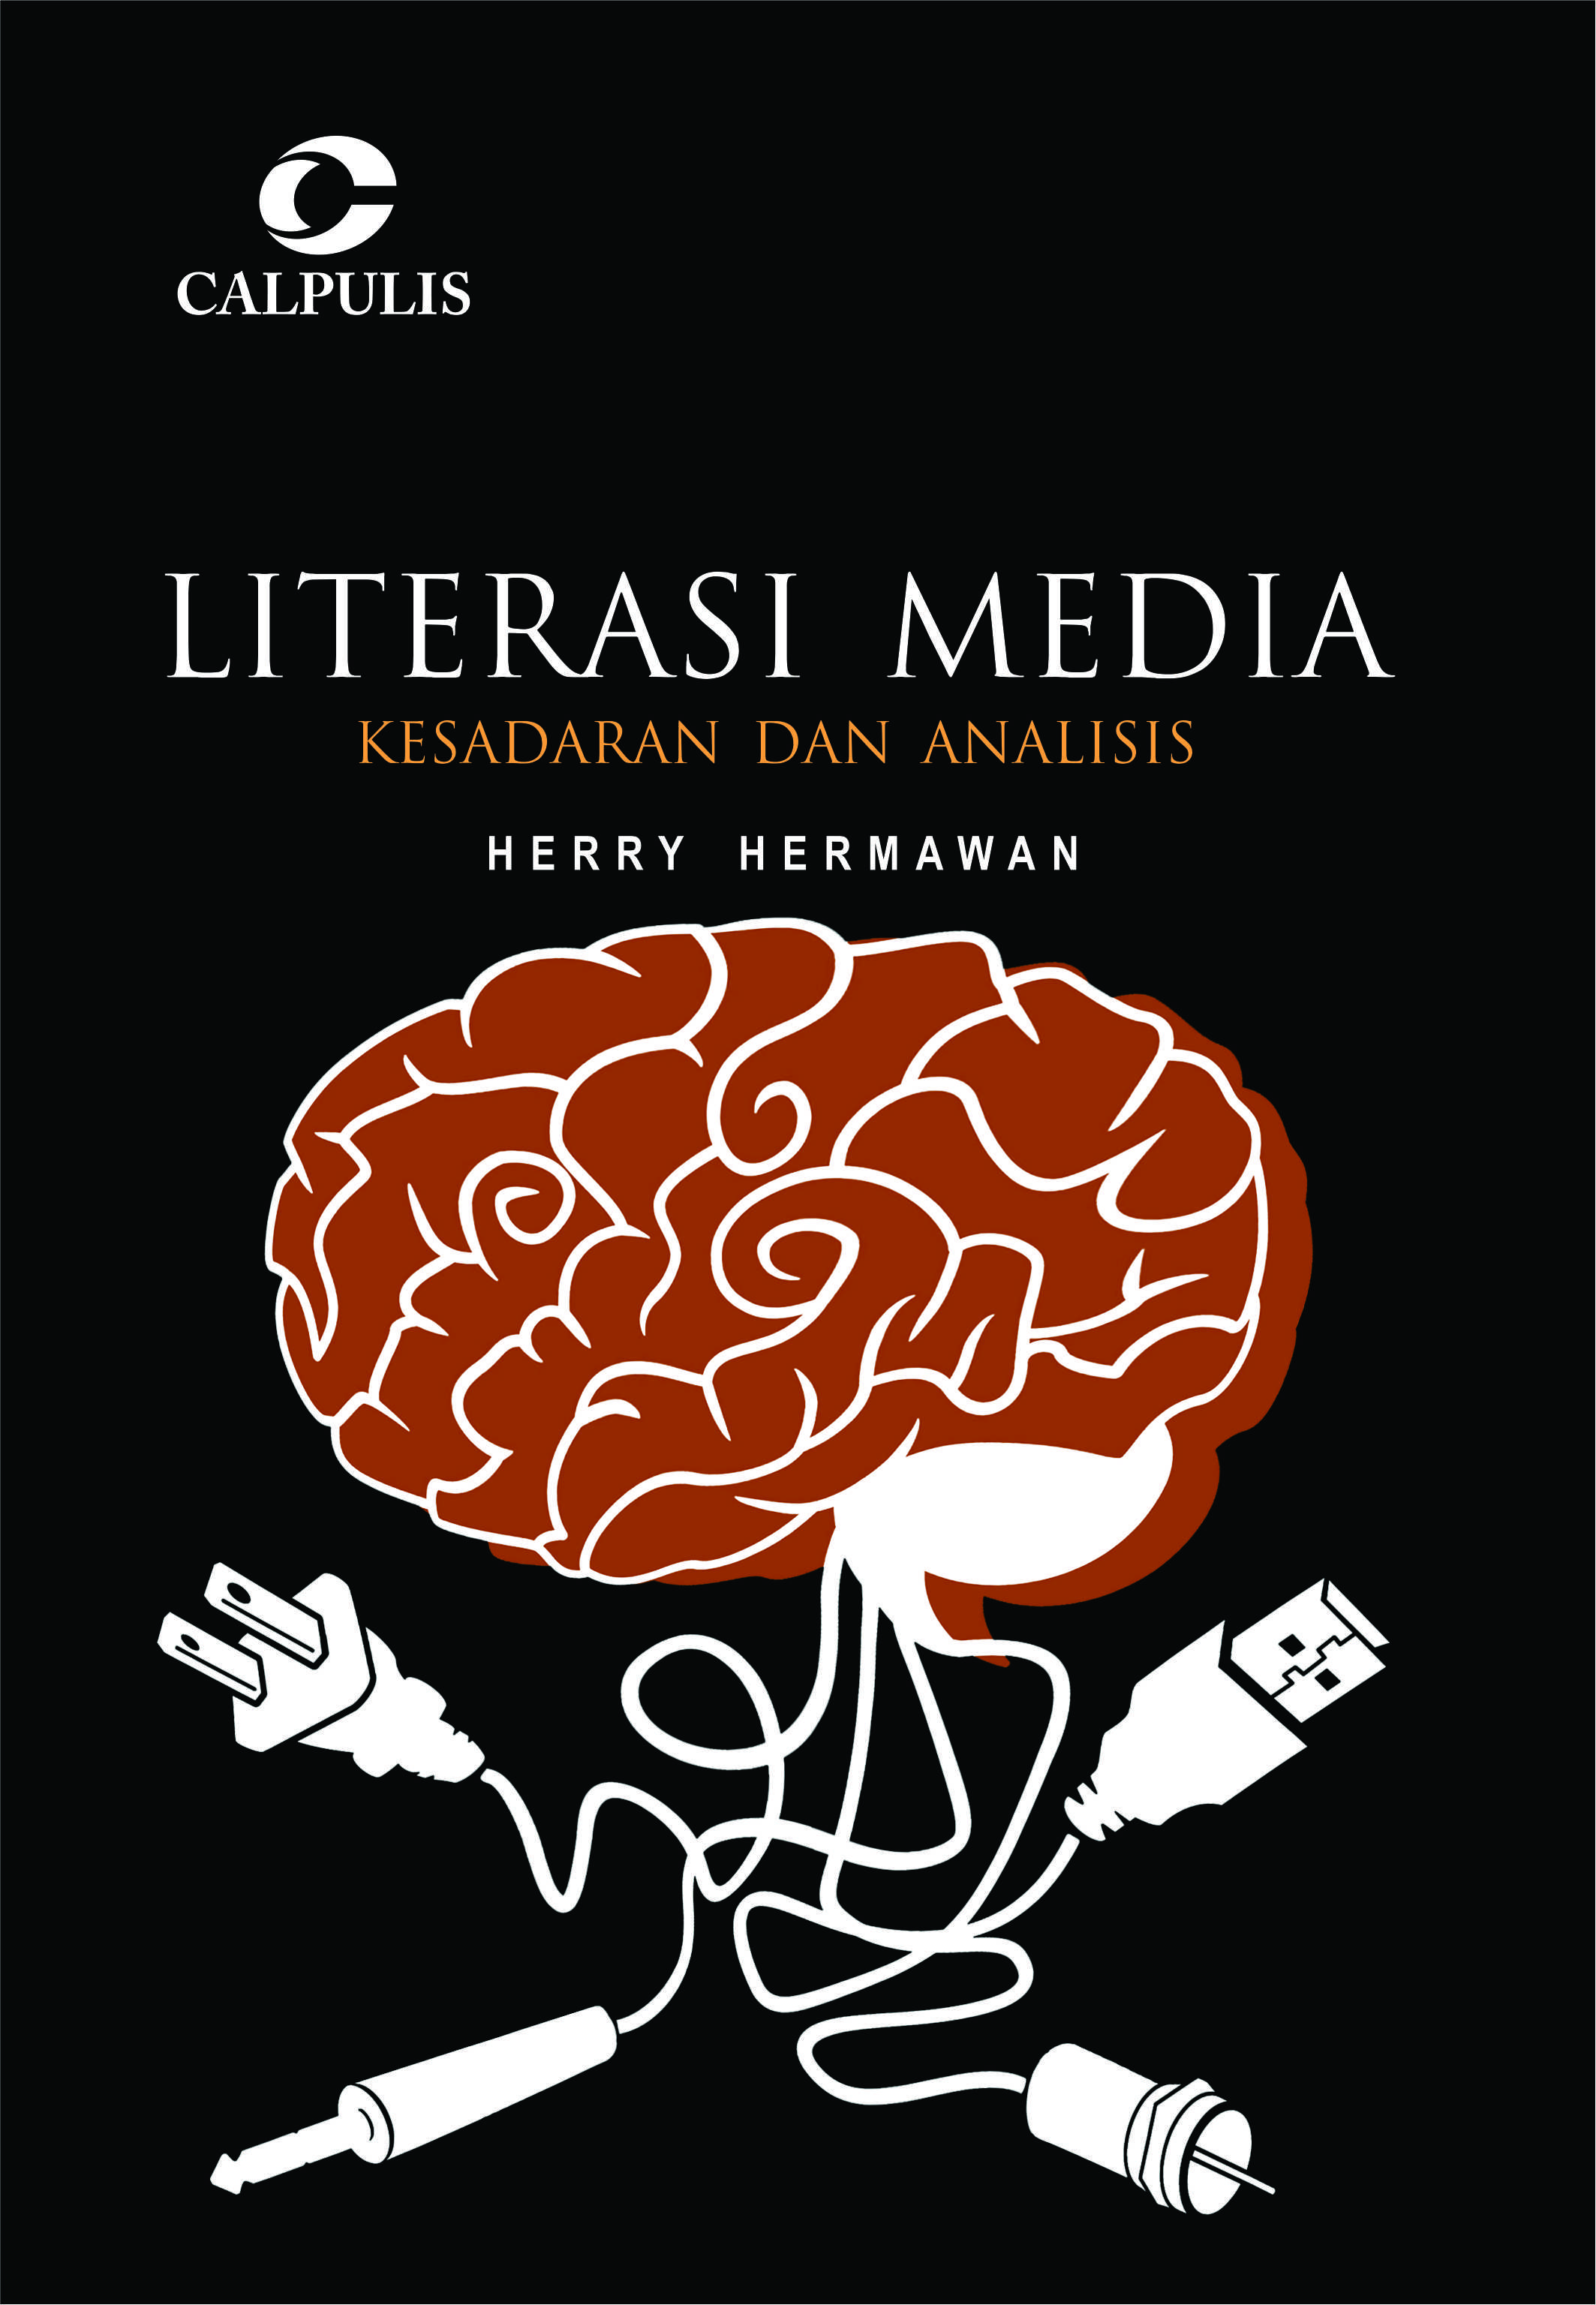 LITERASI MEDIA: Kesadaran dan Analisis